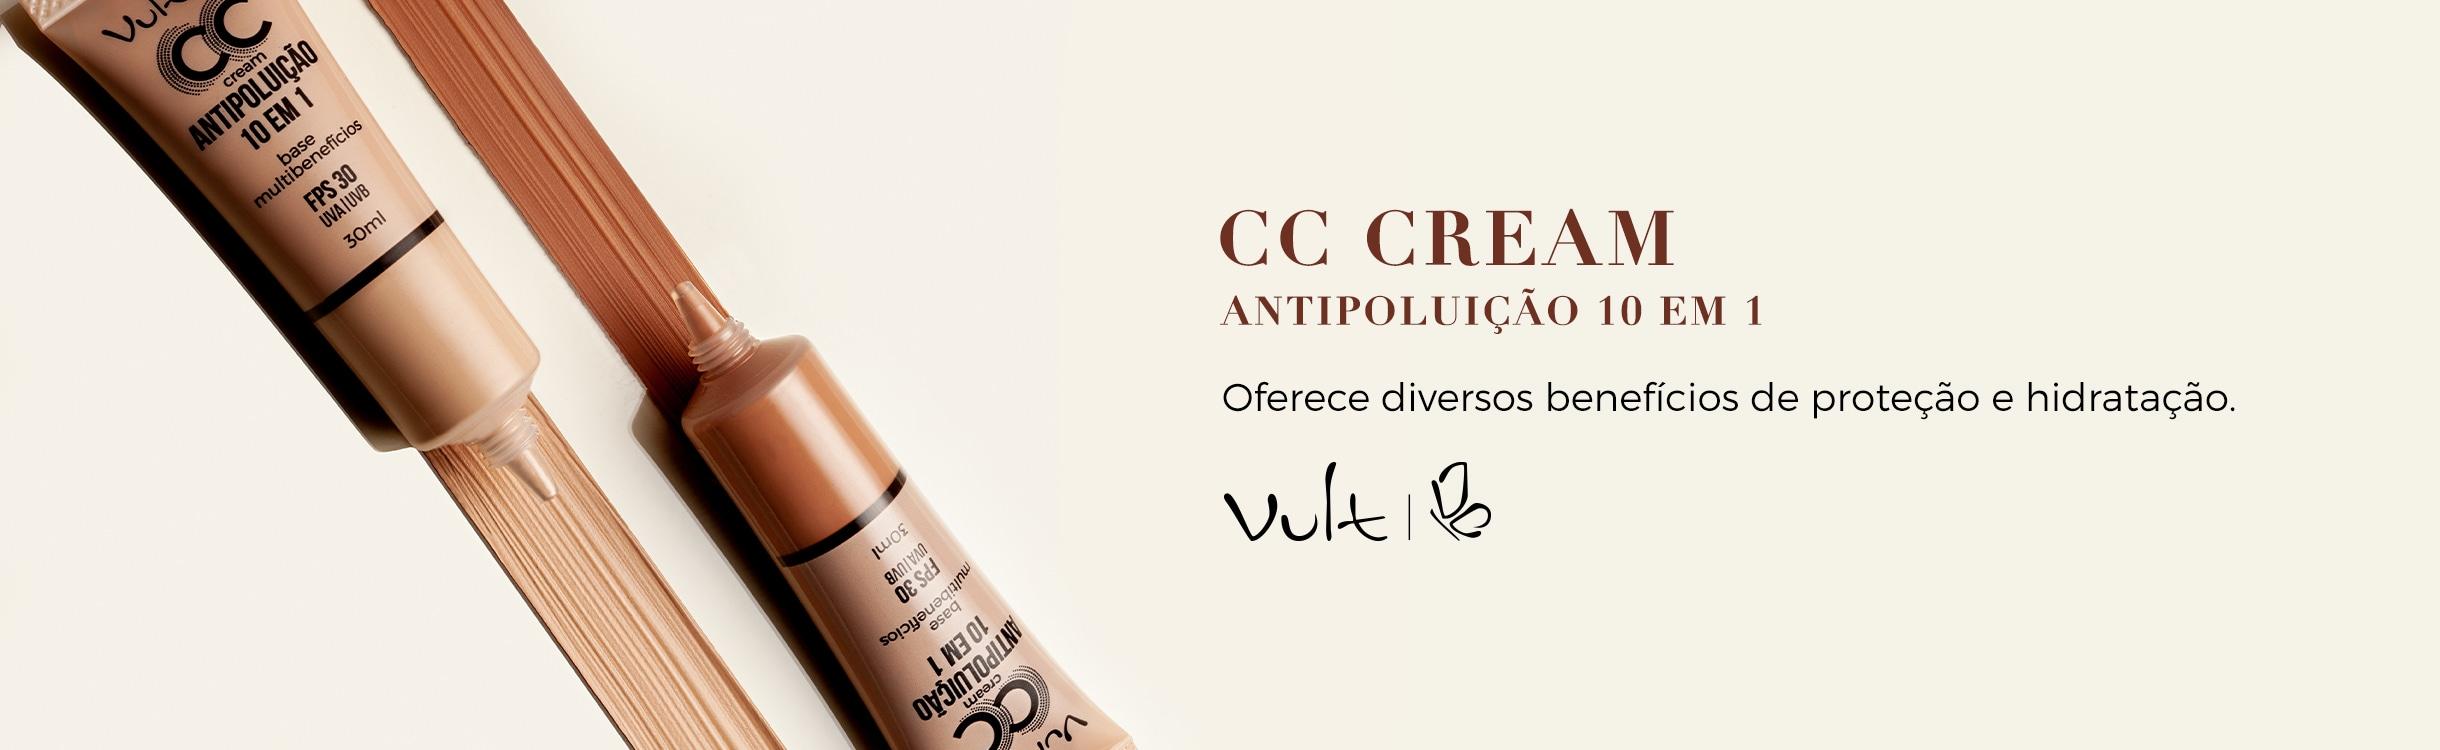 BB Cream e CC Cream para o Rosto Vult